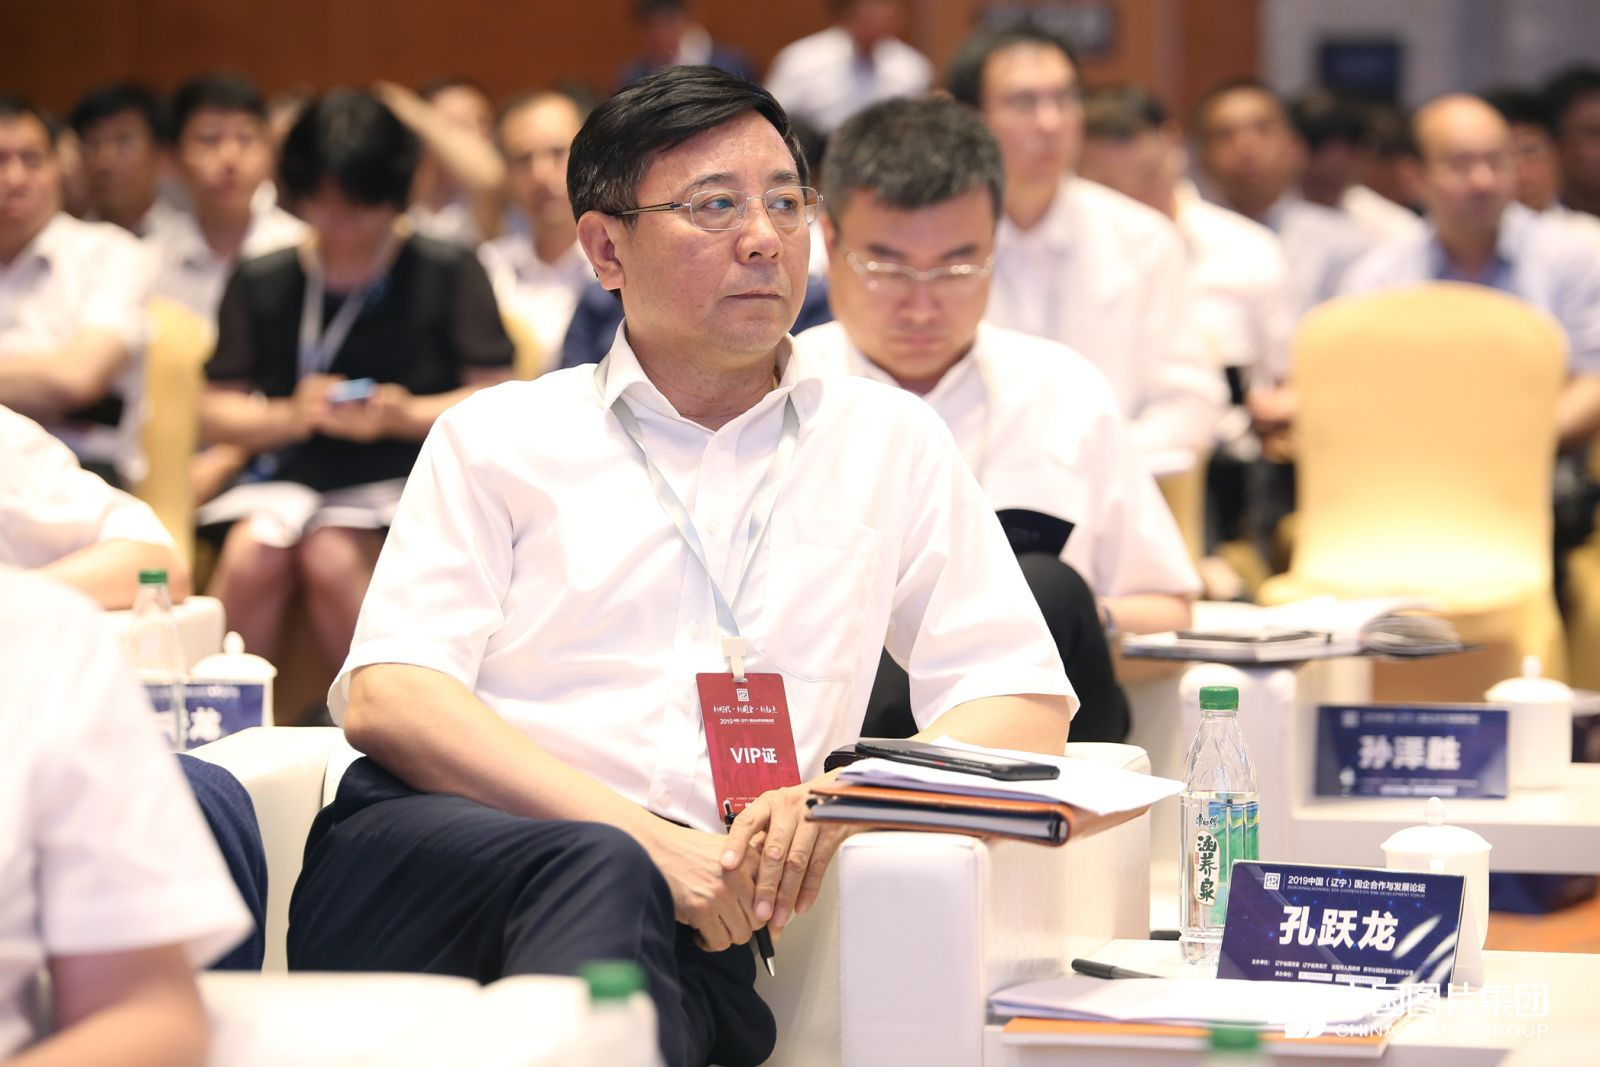 沈鼓集团党委副书记、副董事长孔跃龙。